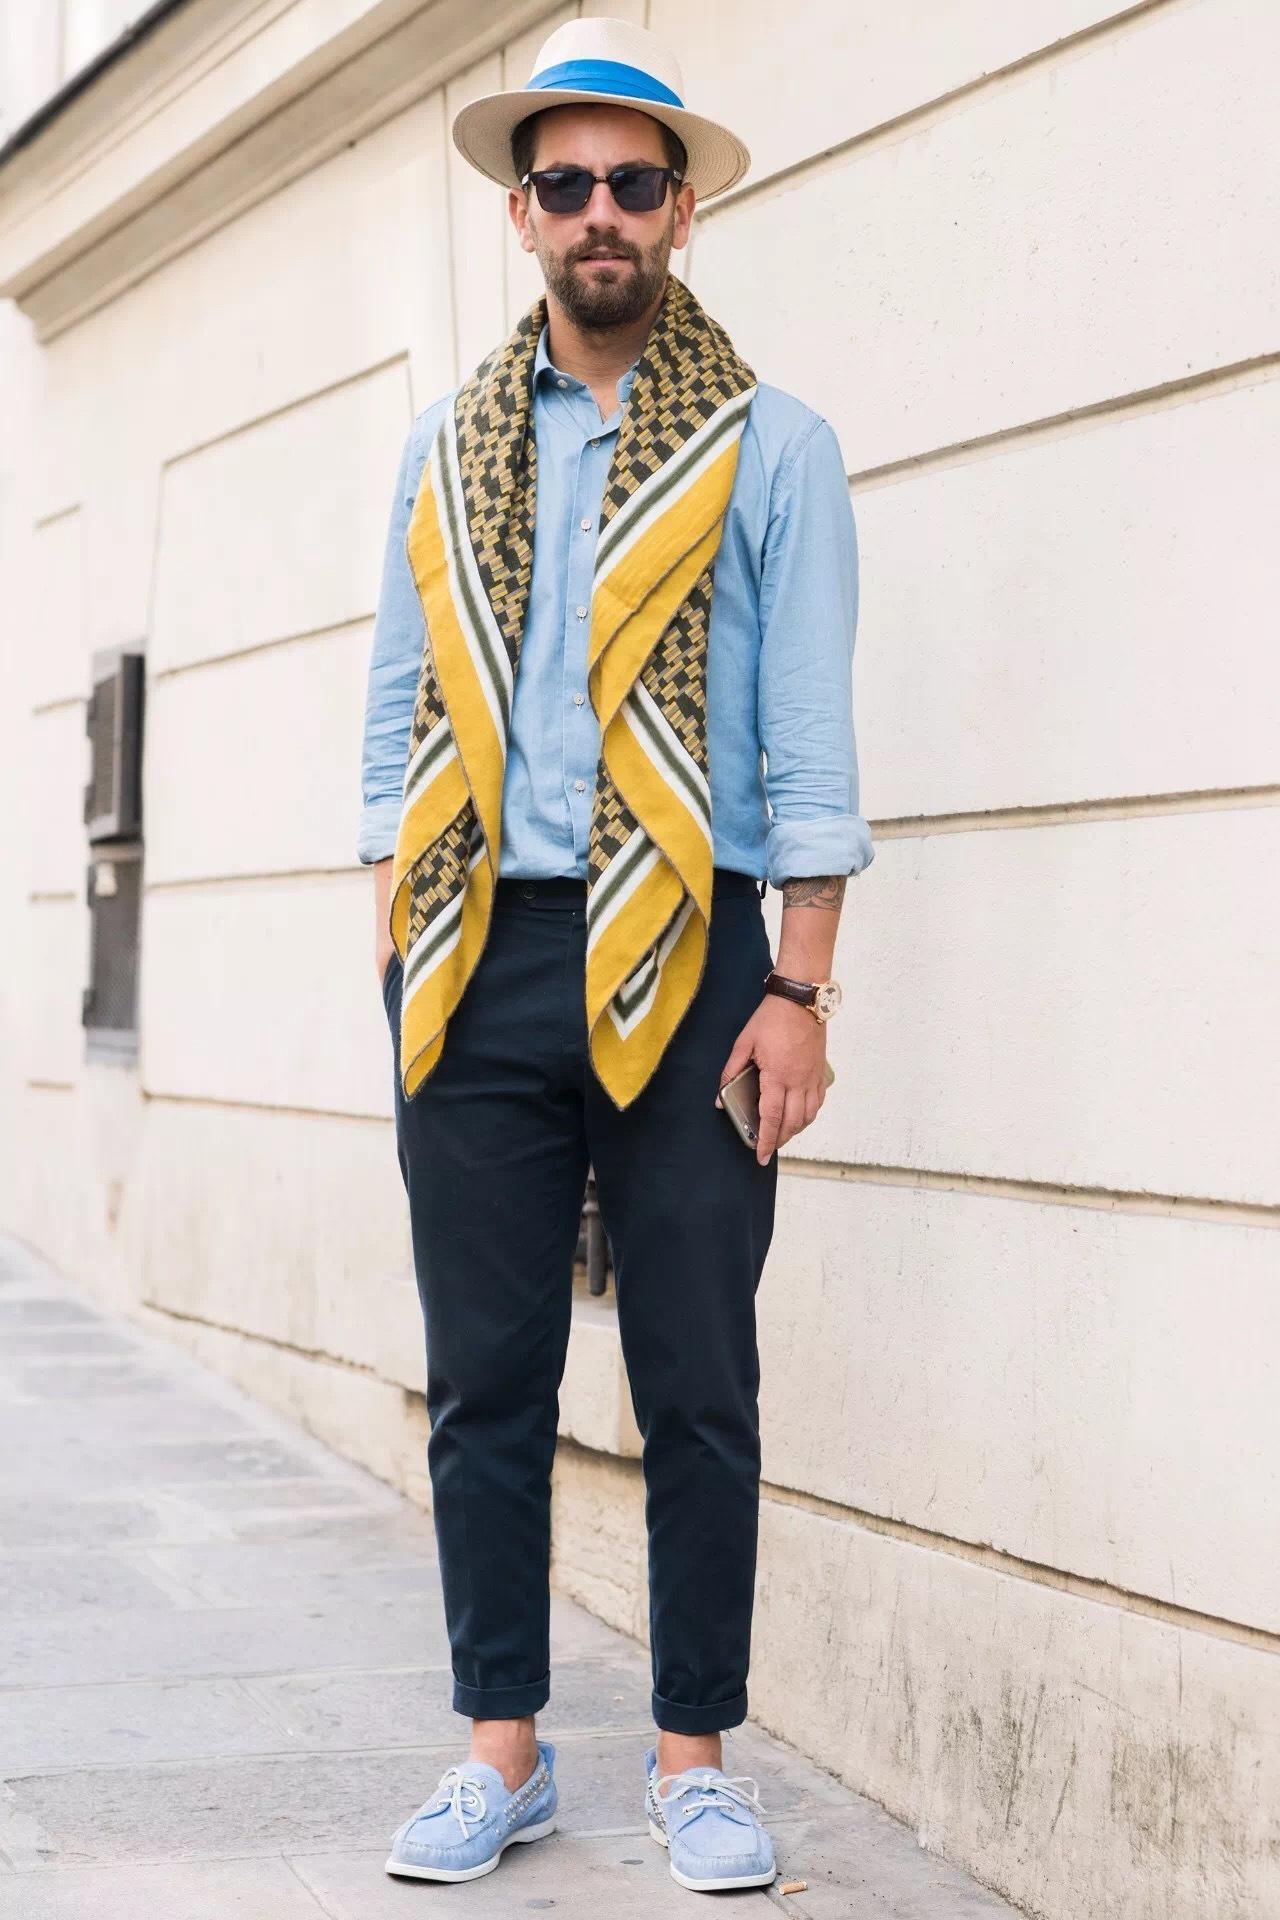 过渡季,型男们怎么玩转穿衣Style? 3